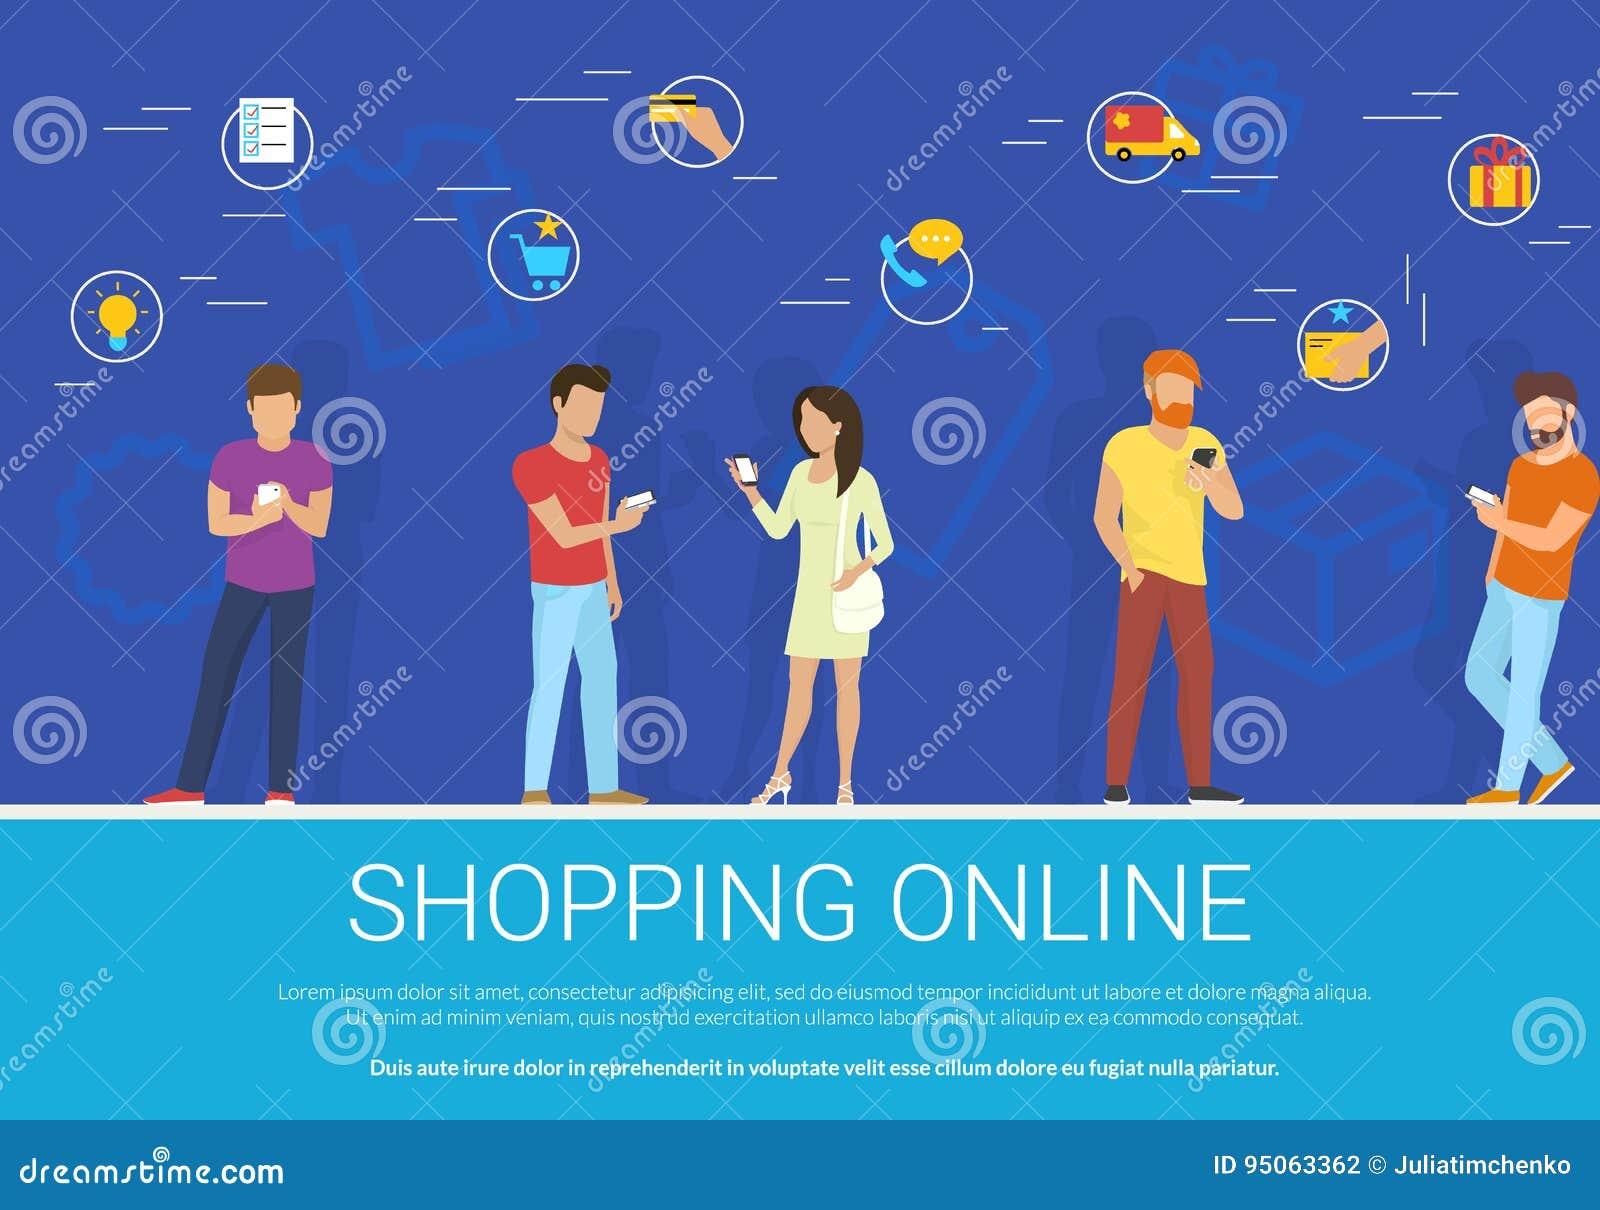 El concepto en línea que hace compras vector el ejemplo del grupo de personas que usa el smartphone móvil para comprar mercancías